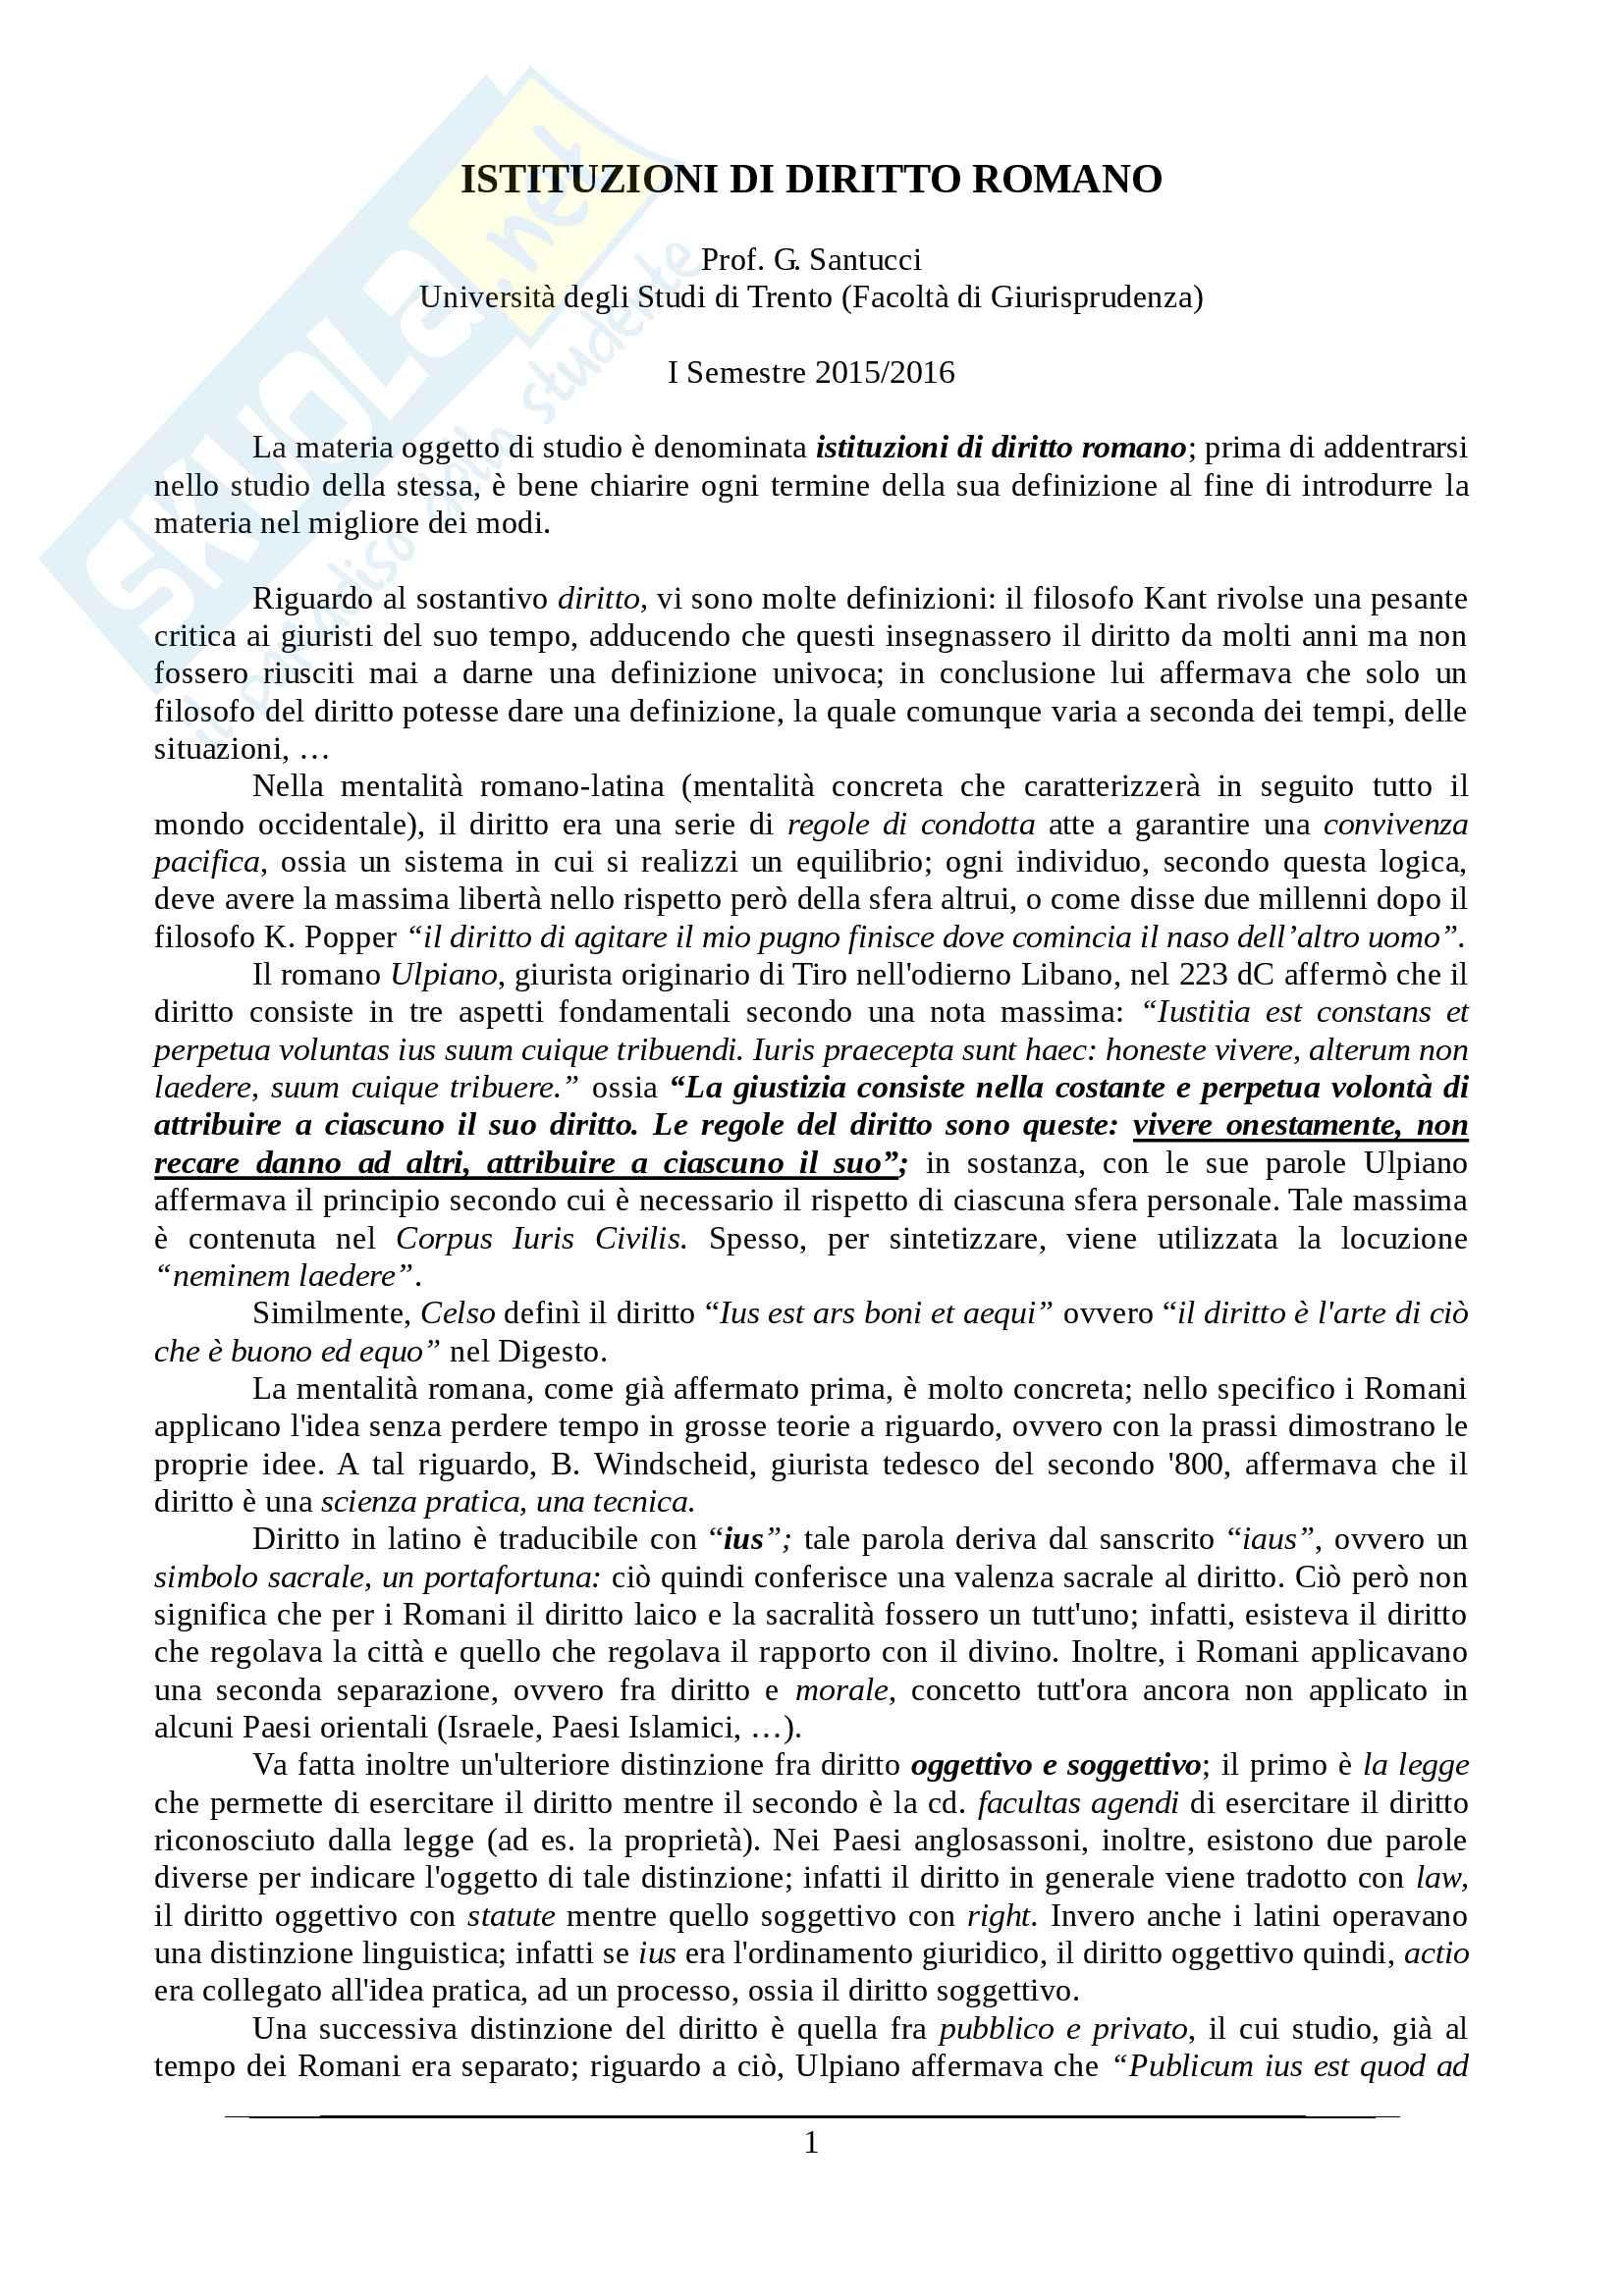 Istituzioni di diritto romano - Appunti Prof. Santucci